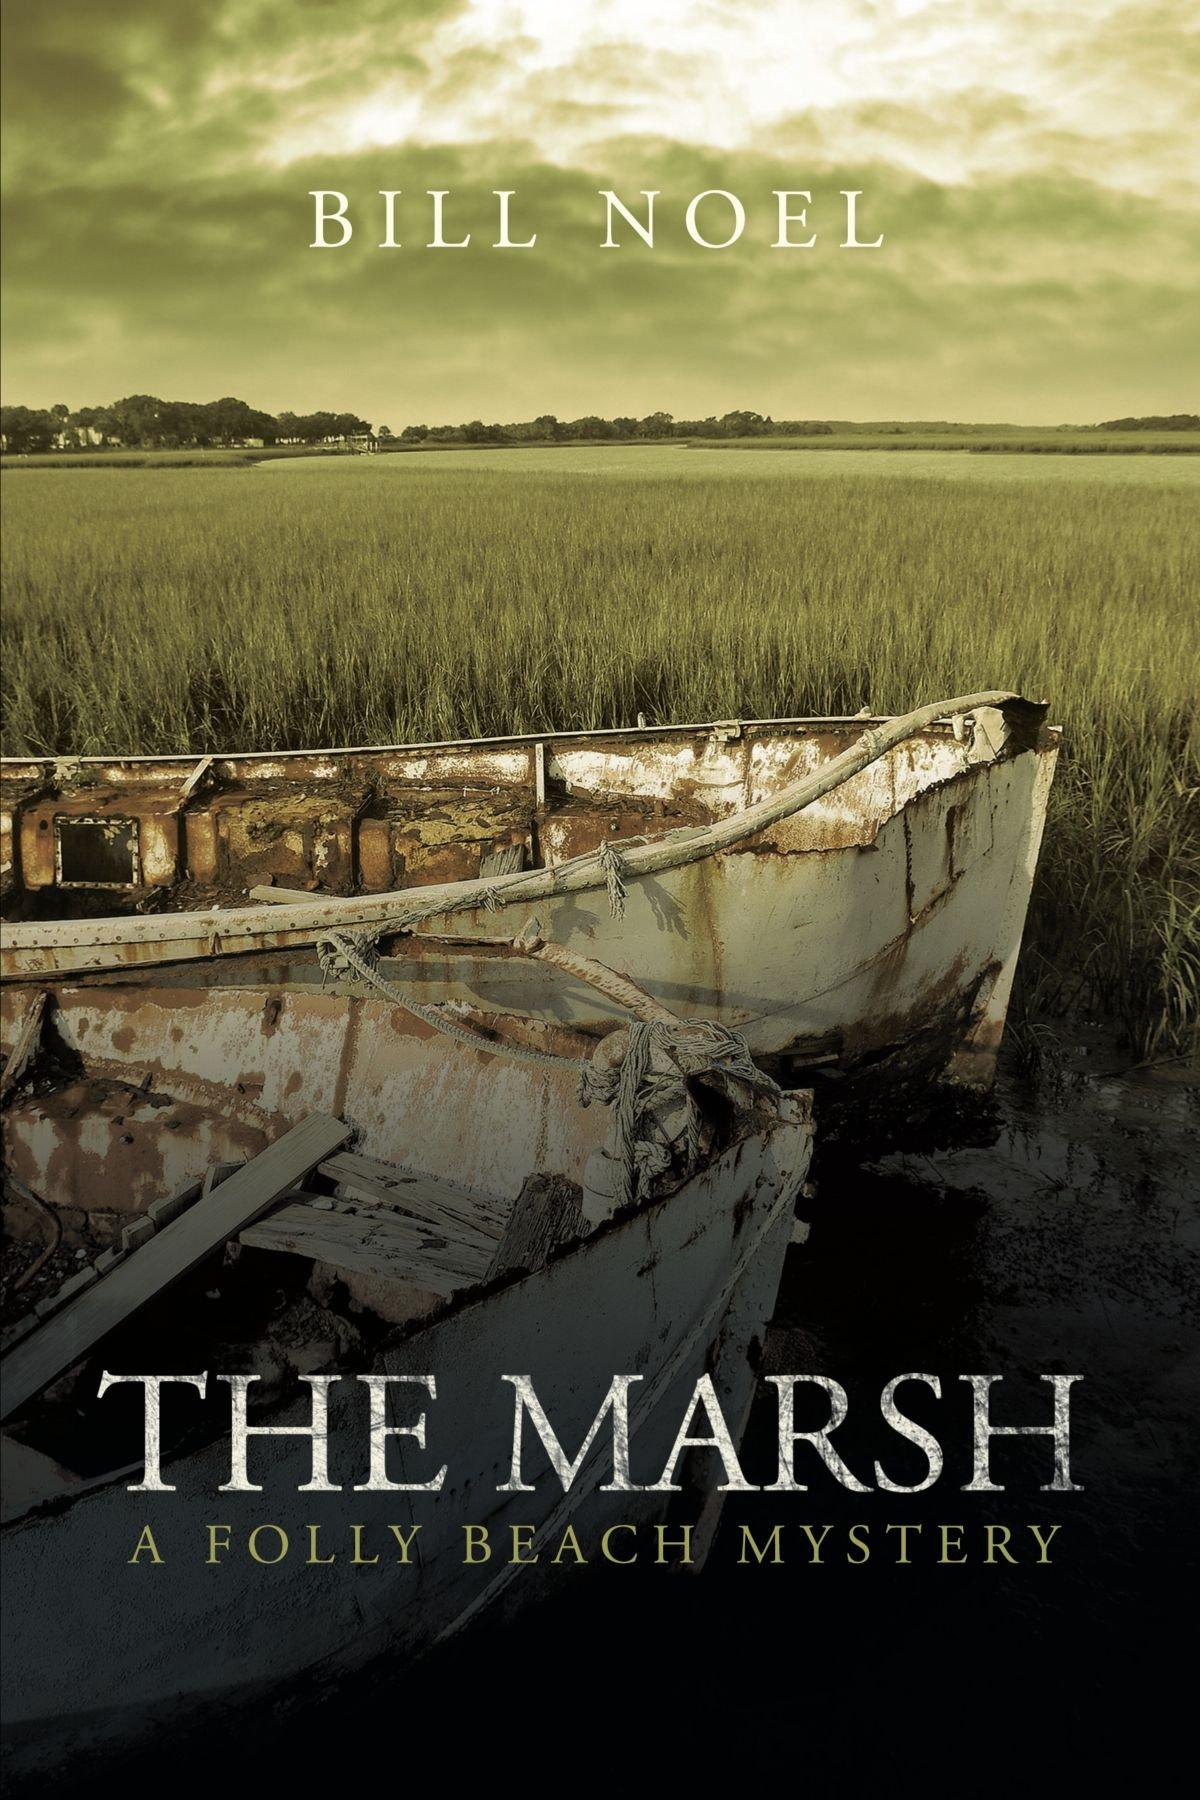 The Marsh: A Folly Beach Mystery PDF